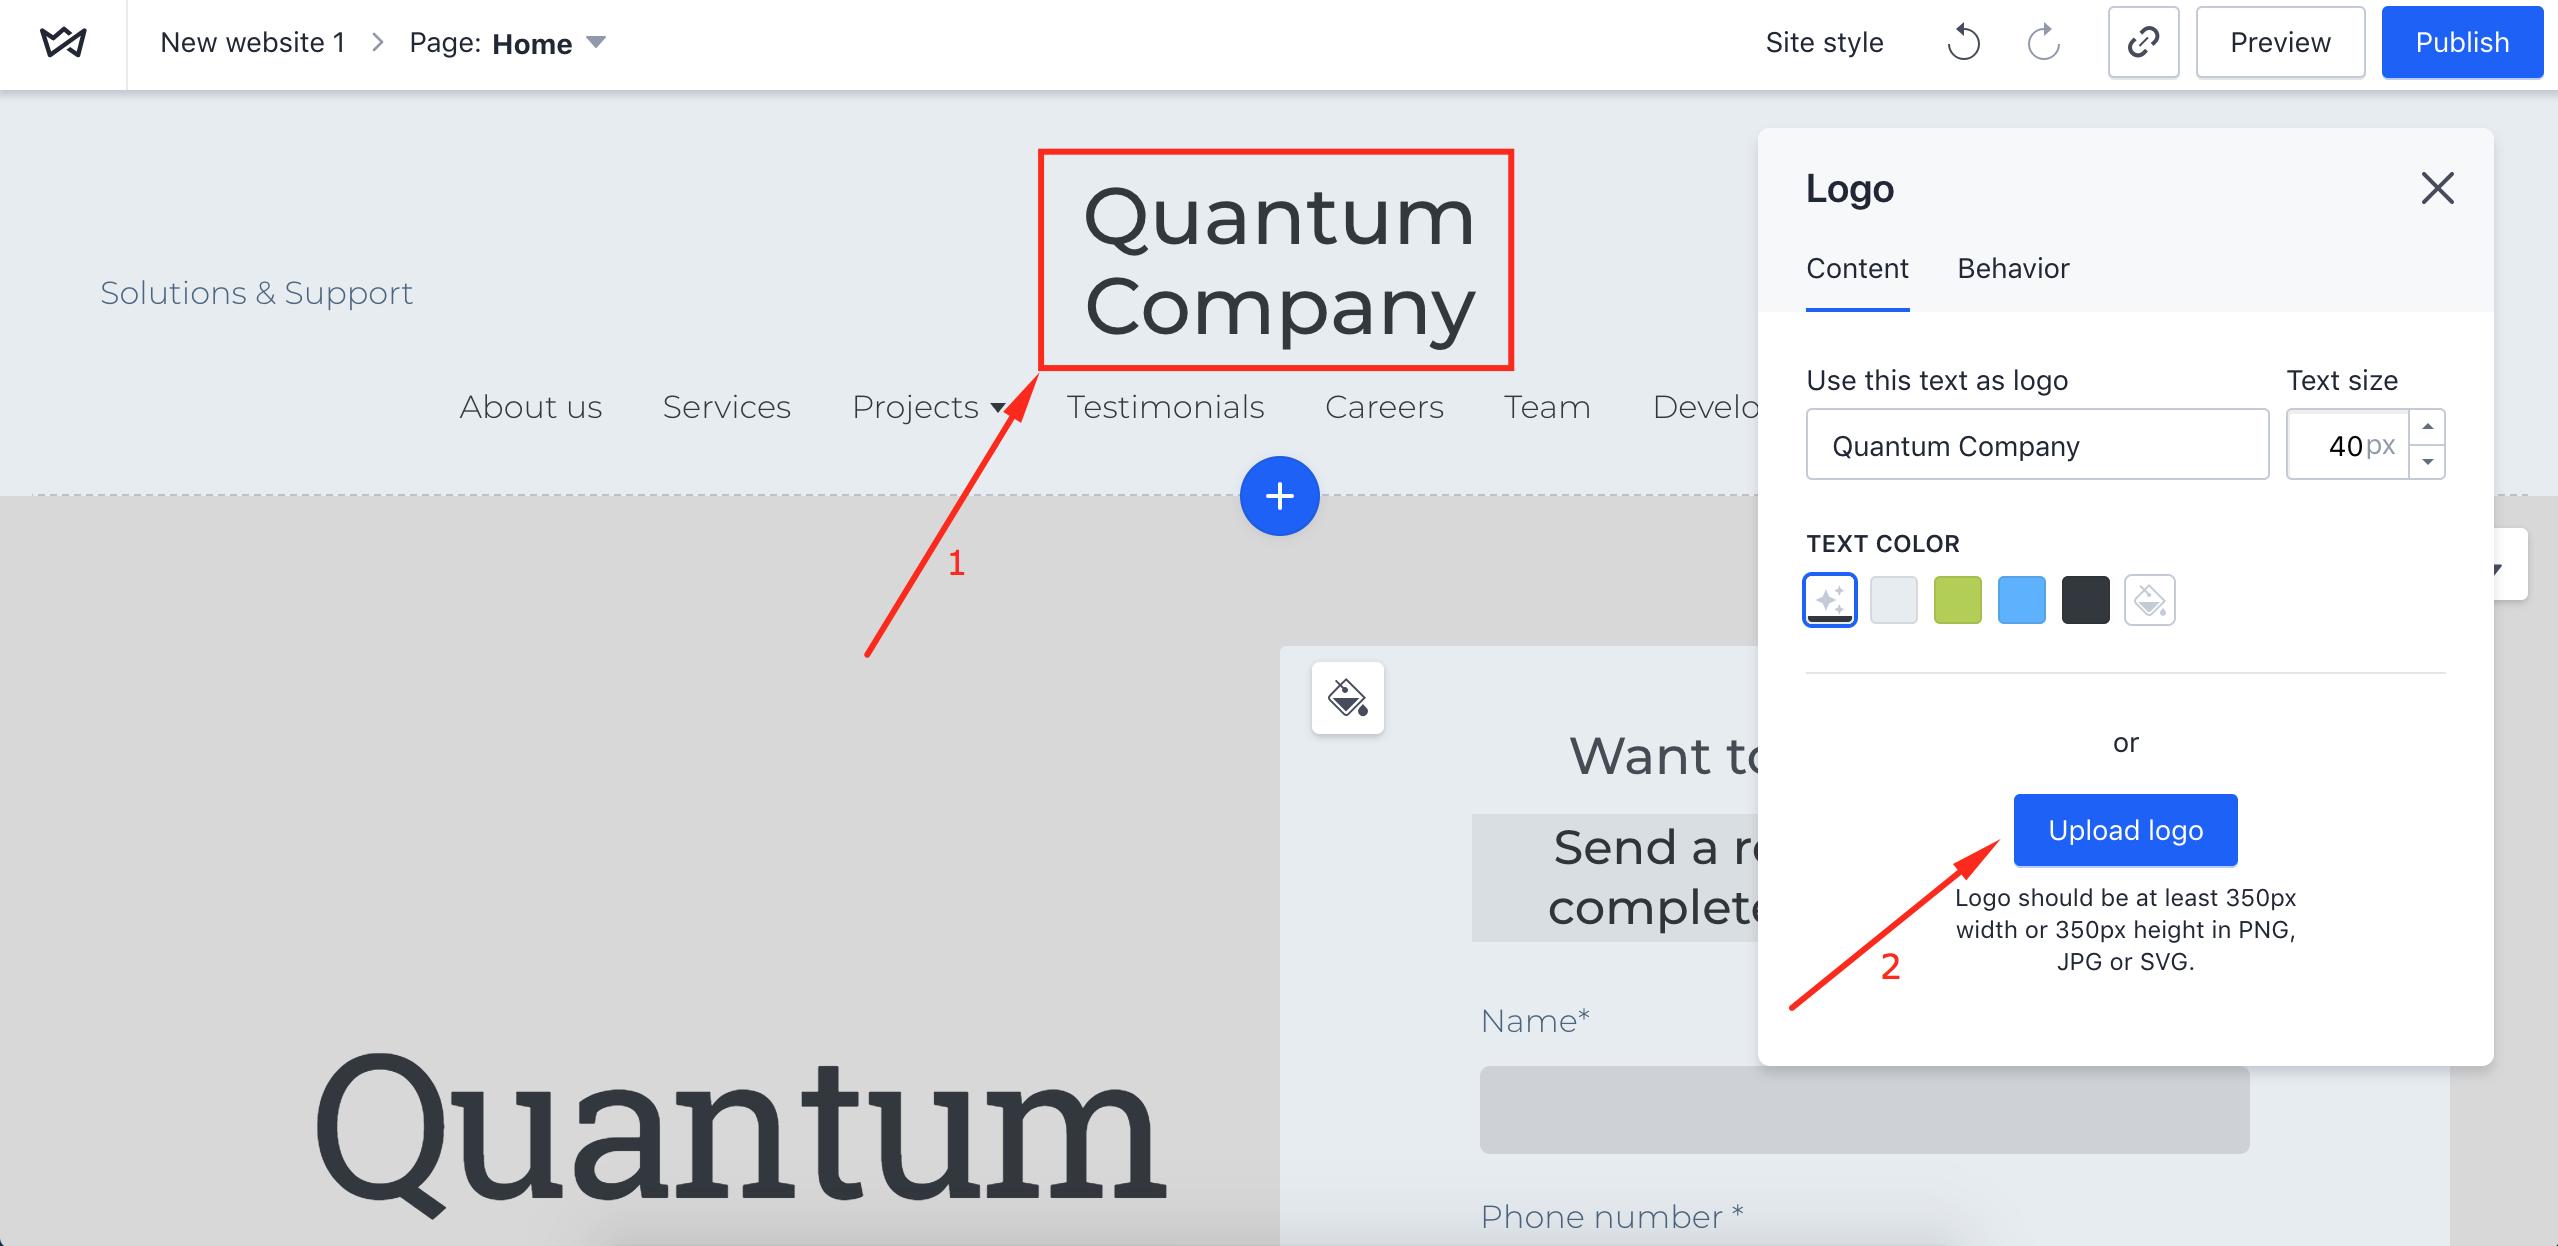 How to upload logo - Weblium